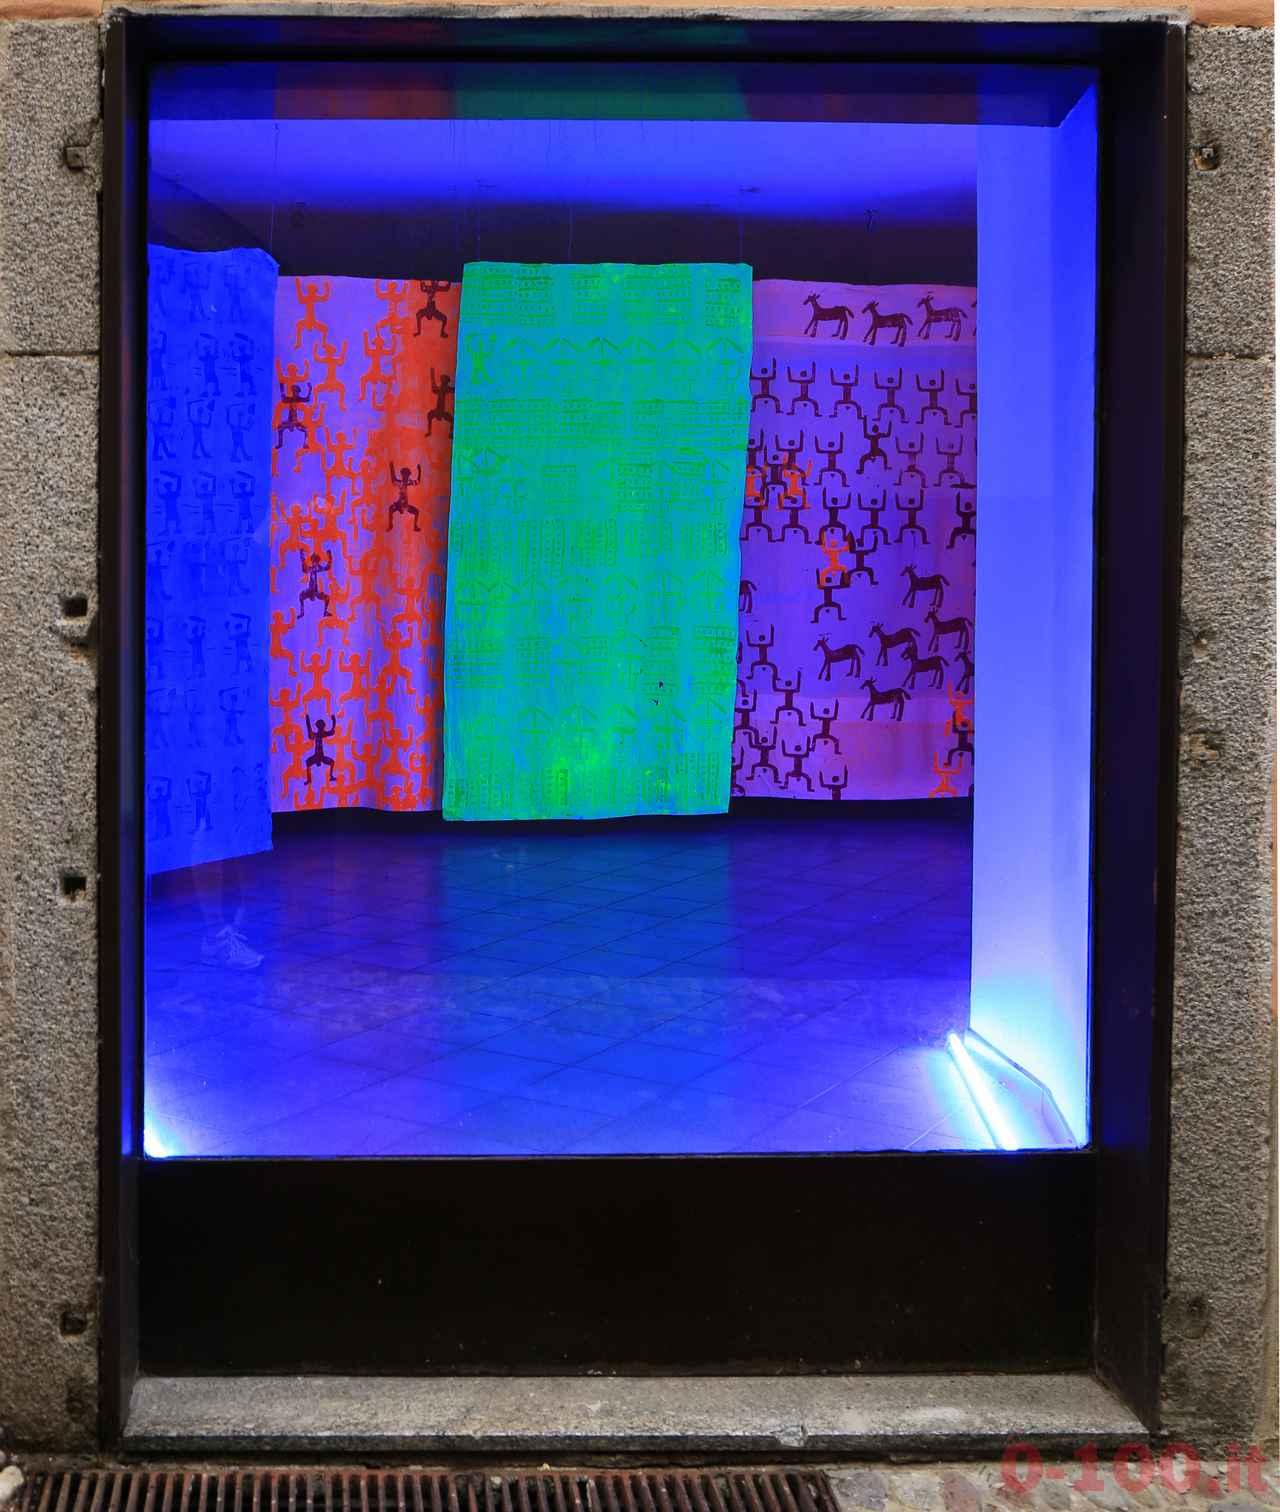 Contexto 2016 - Michela Pomaro, I cinque sensi, 2016 - tecnica mista su tela